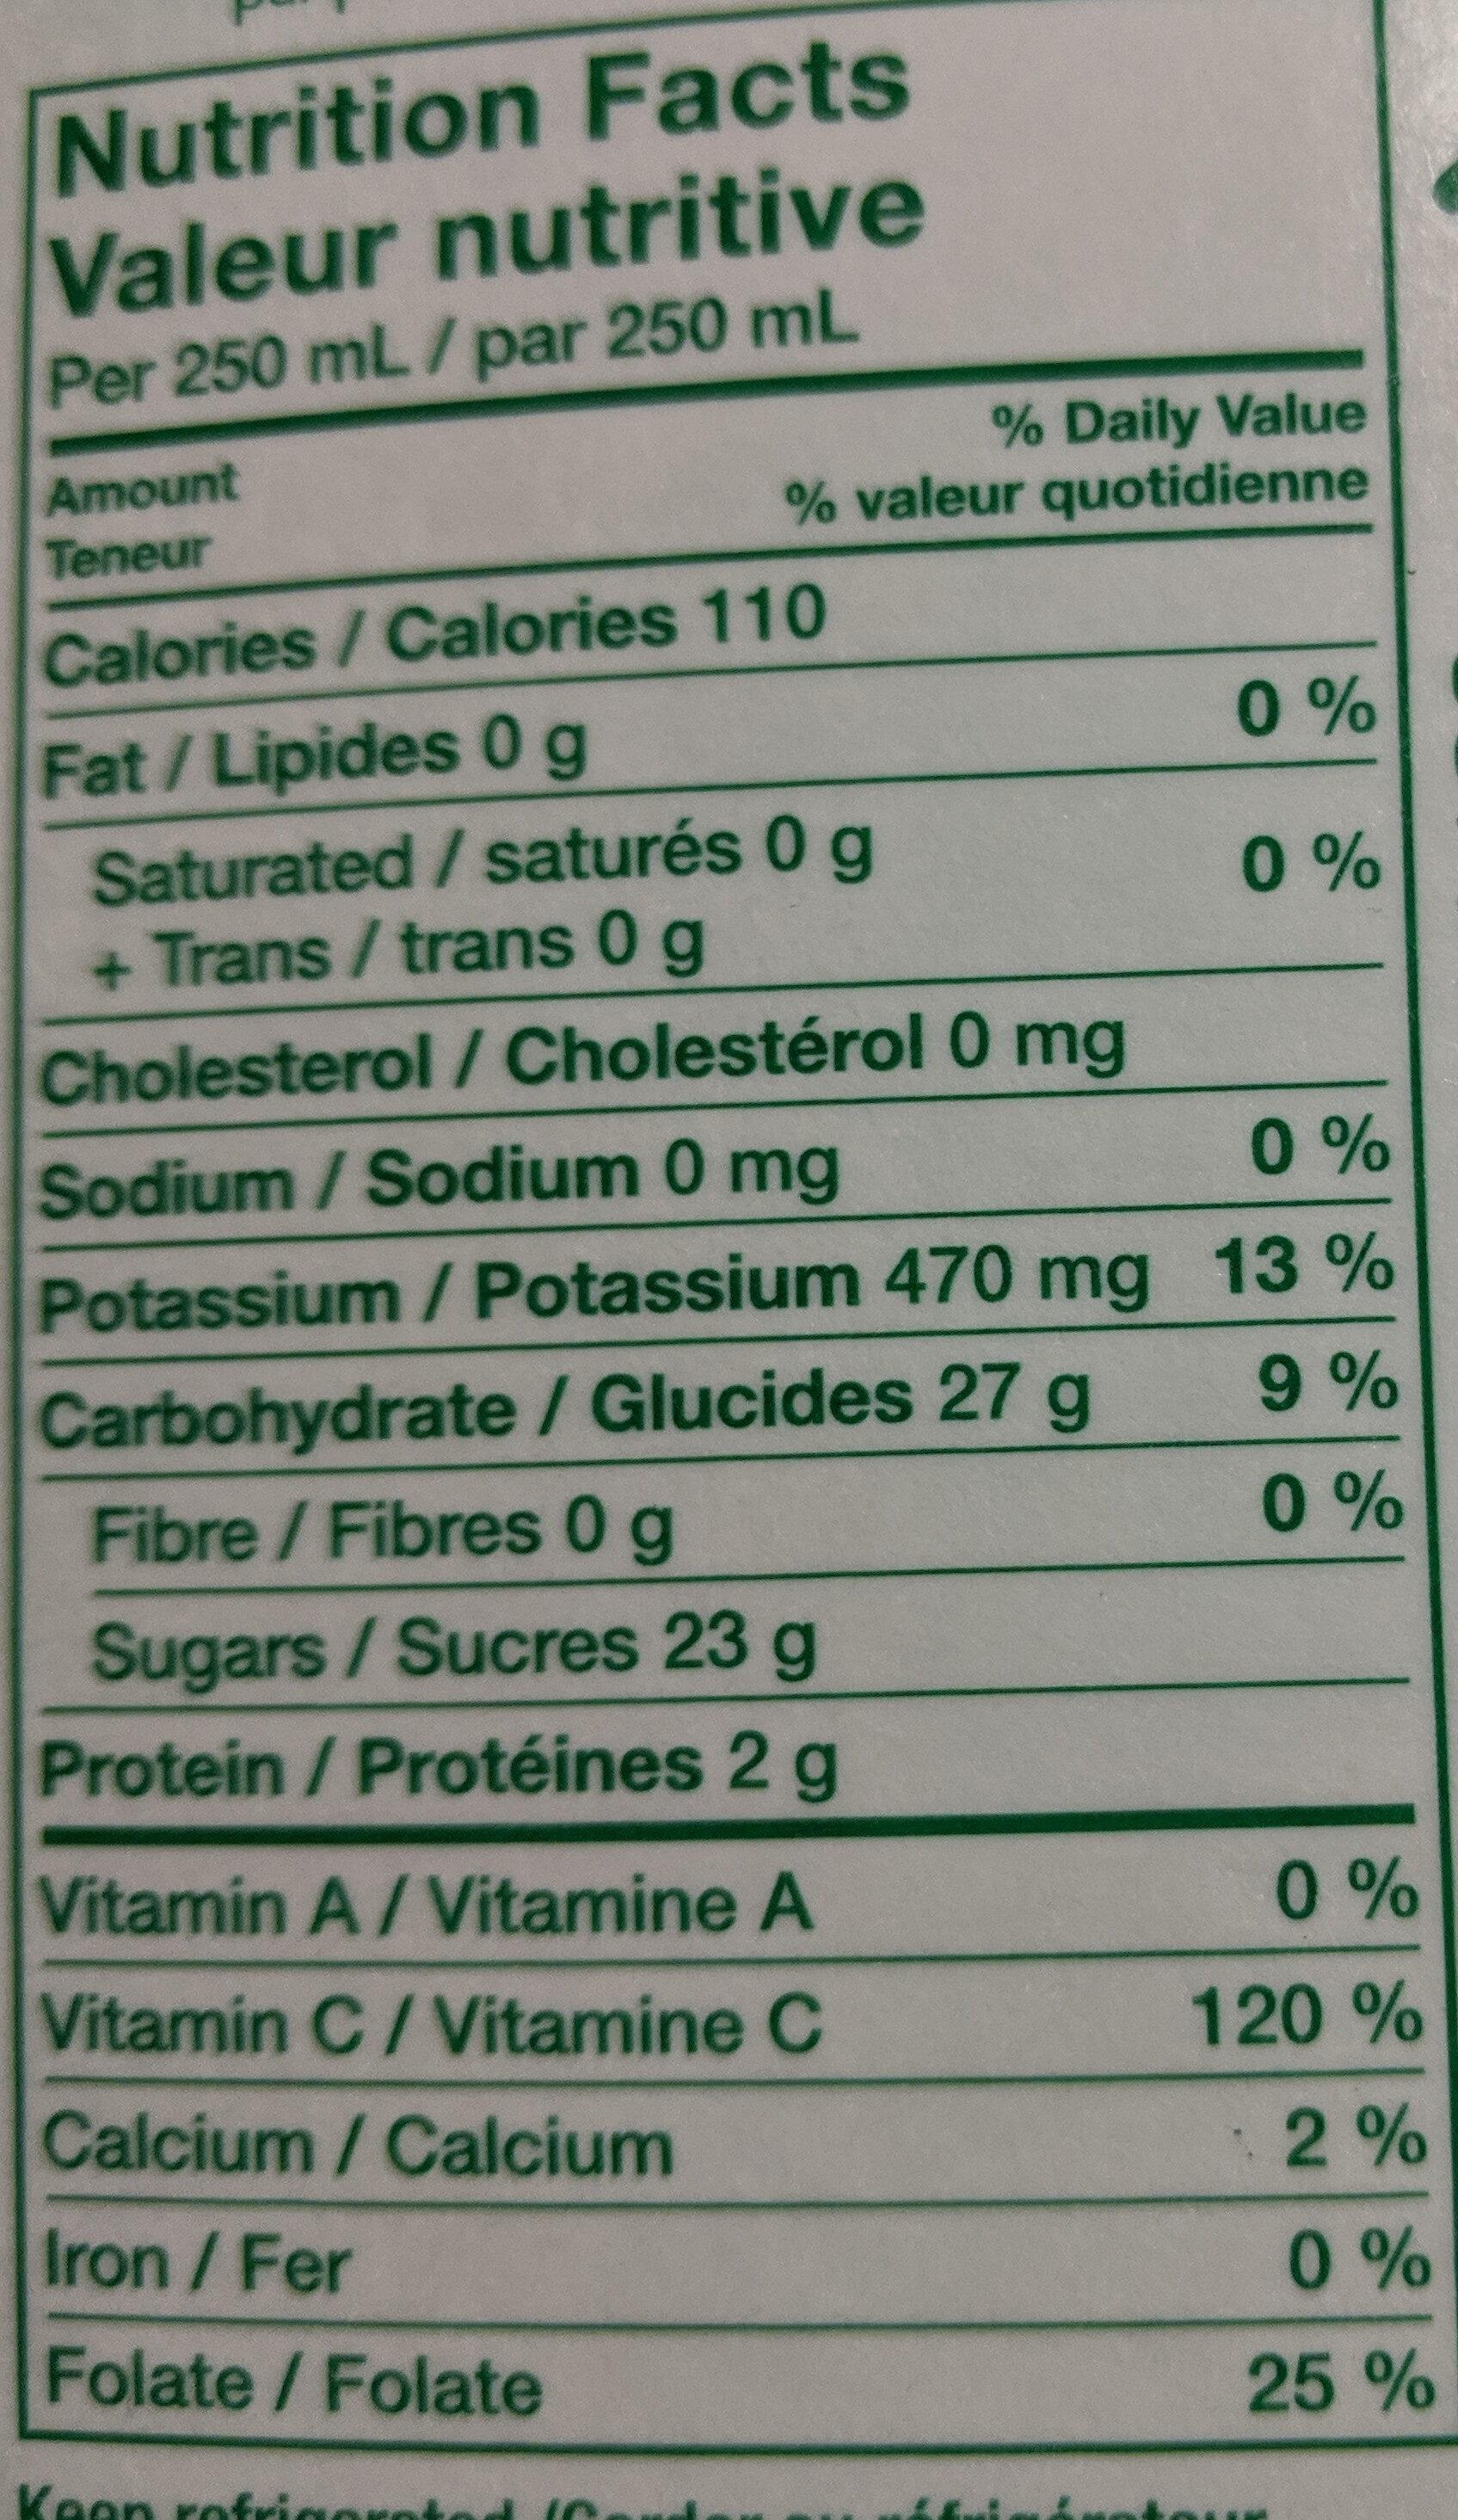 Jus d'orange à 100% - Nutrition facts - fr